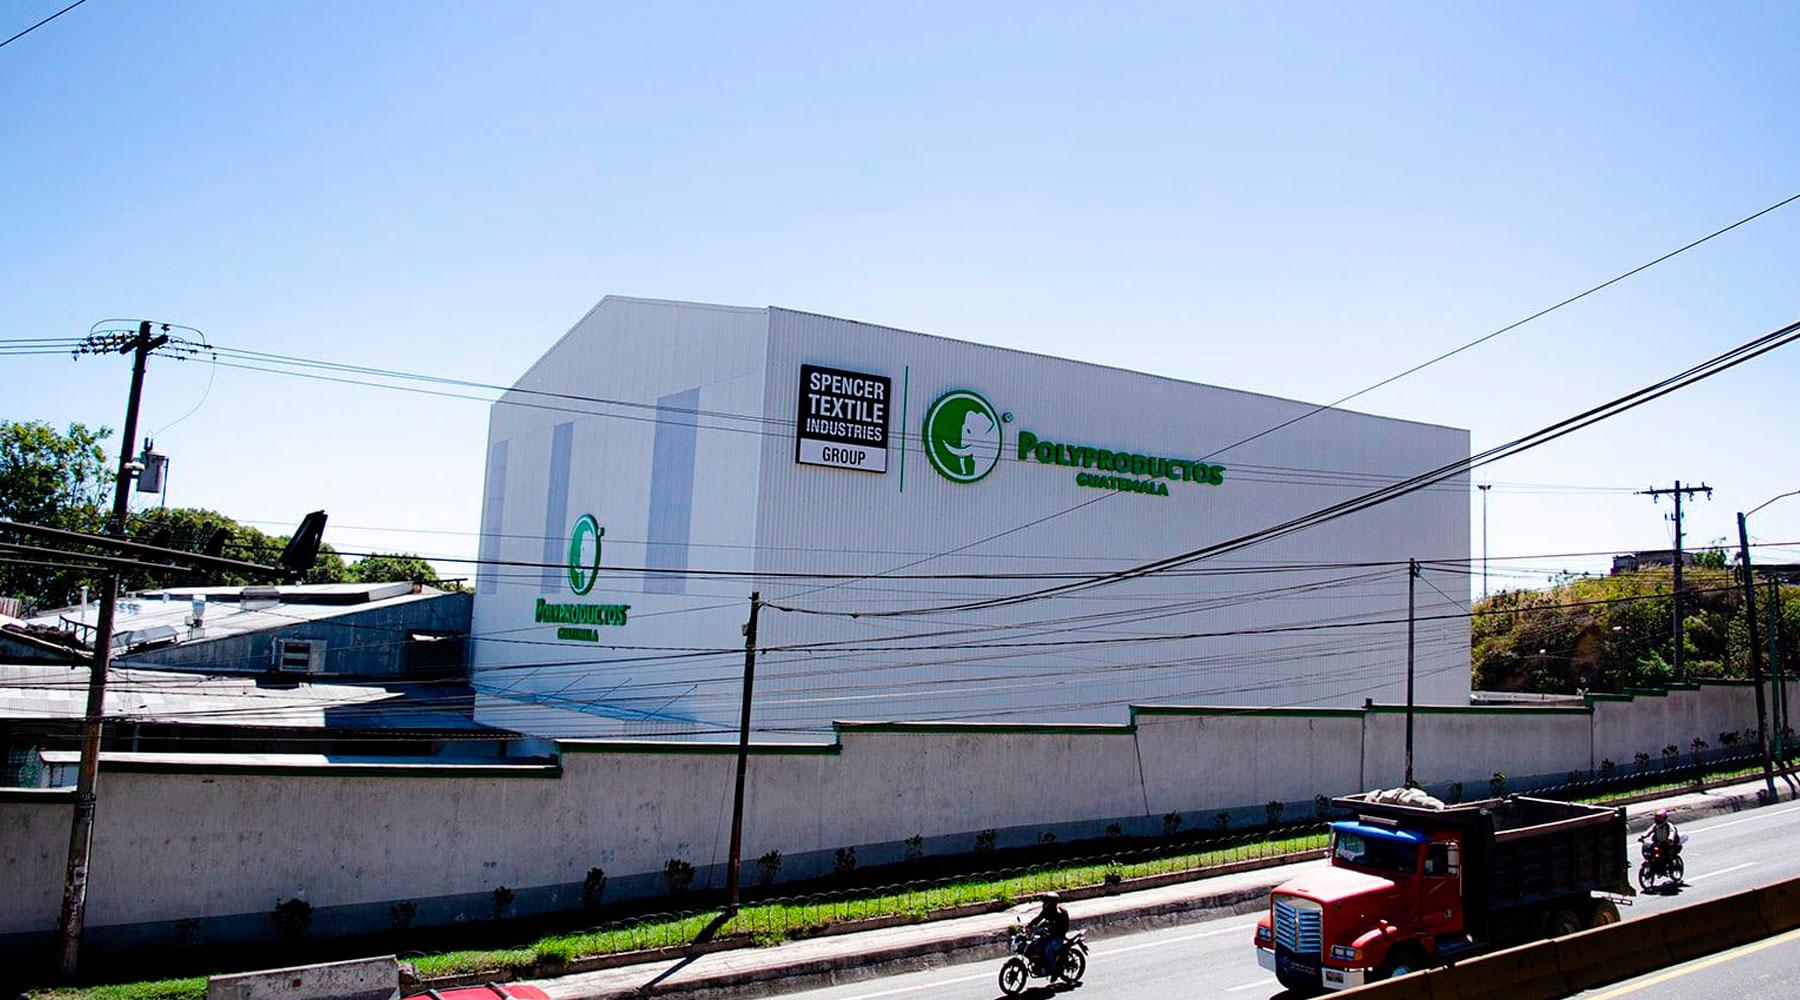 Polyproductos - Trabajos en Guatemala